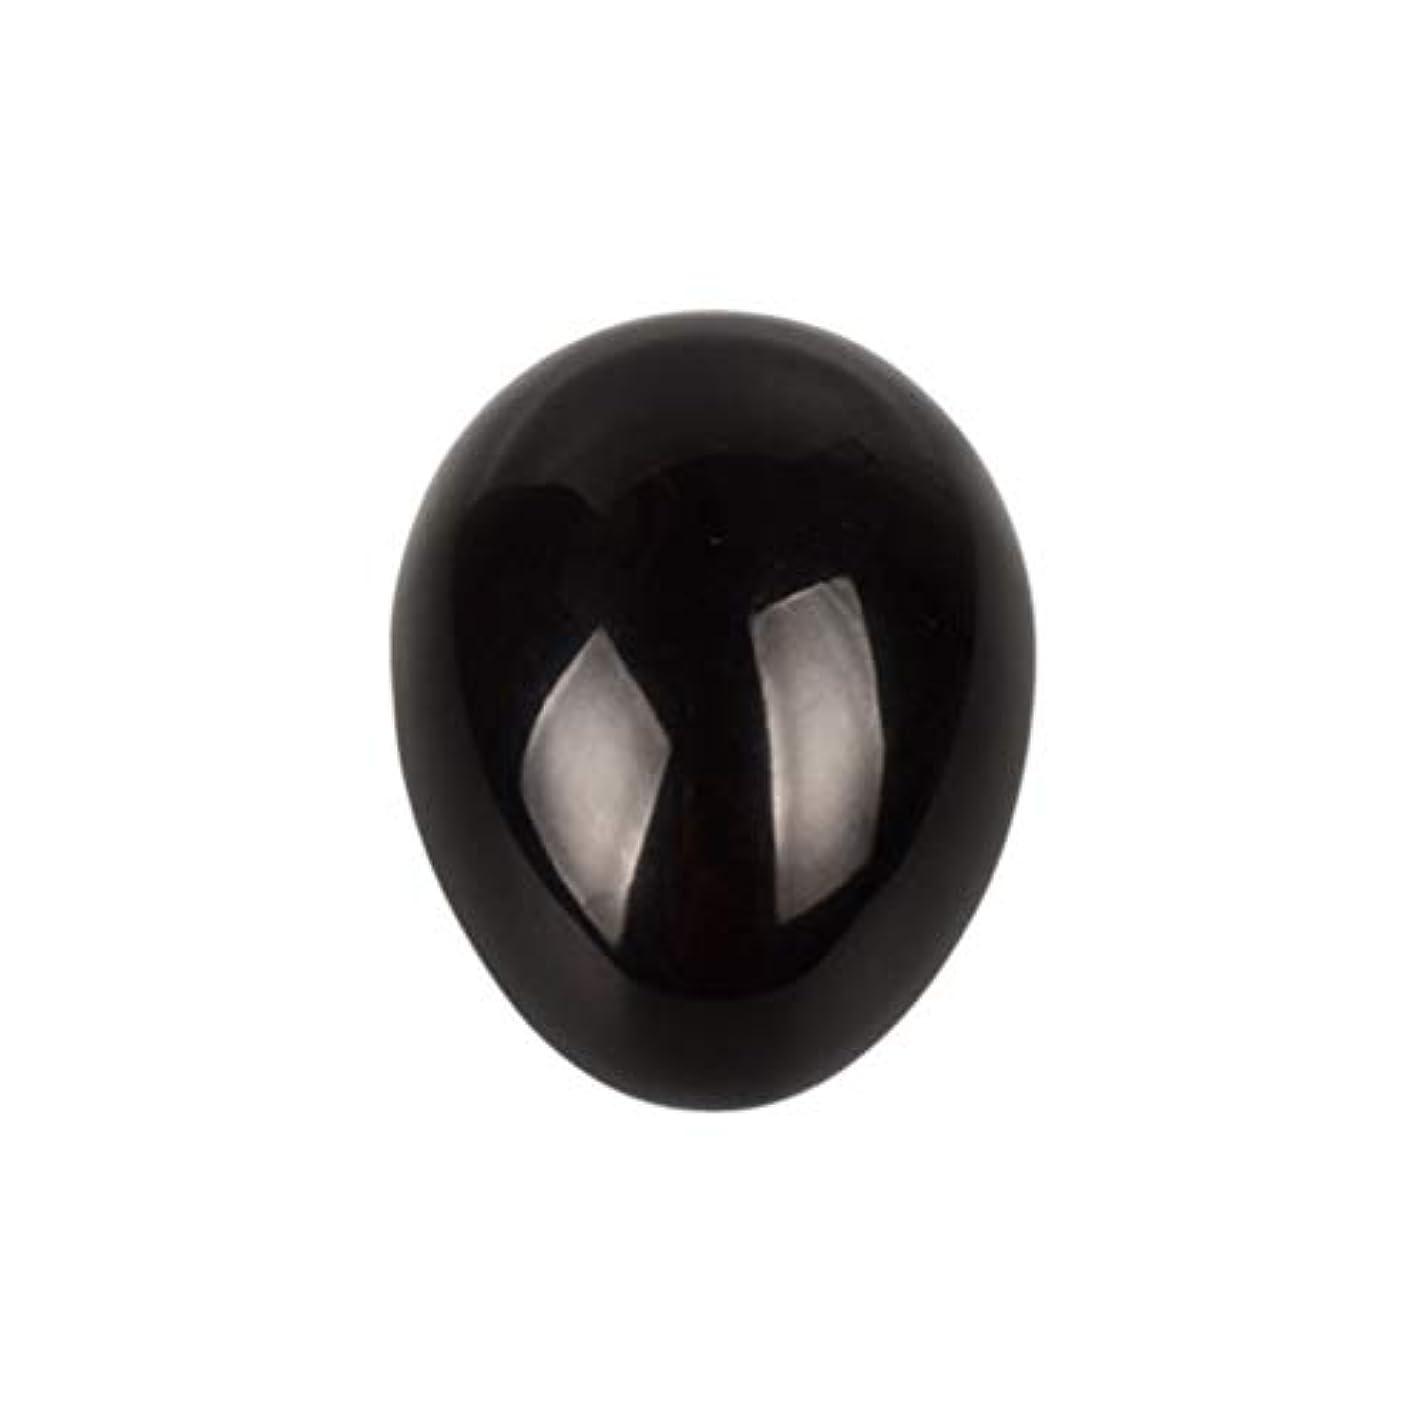 極地輸血またはどちらかHEALIFTY 黒曜石の癒し瞑想のための黒曜石の卵球